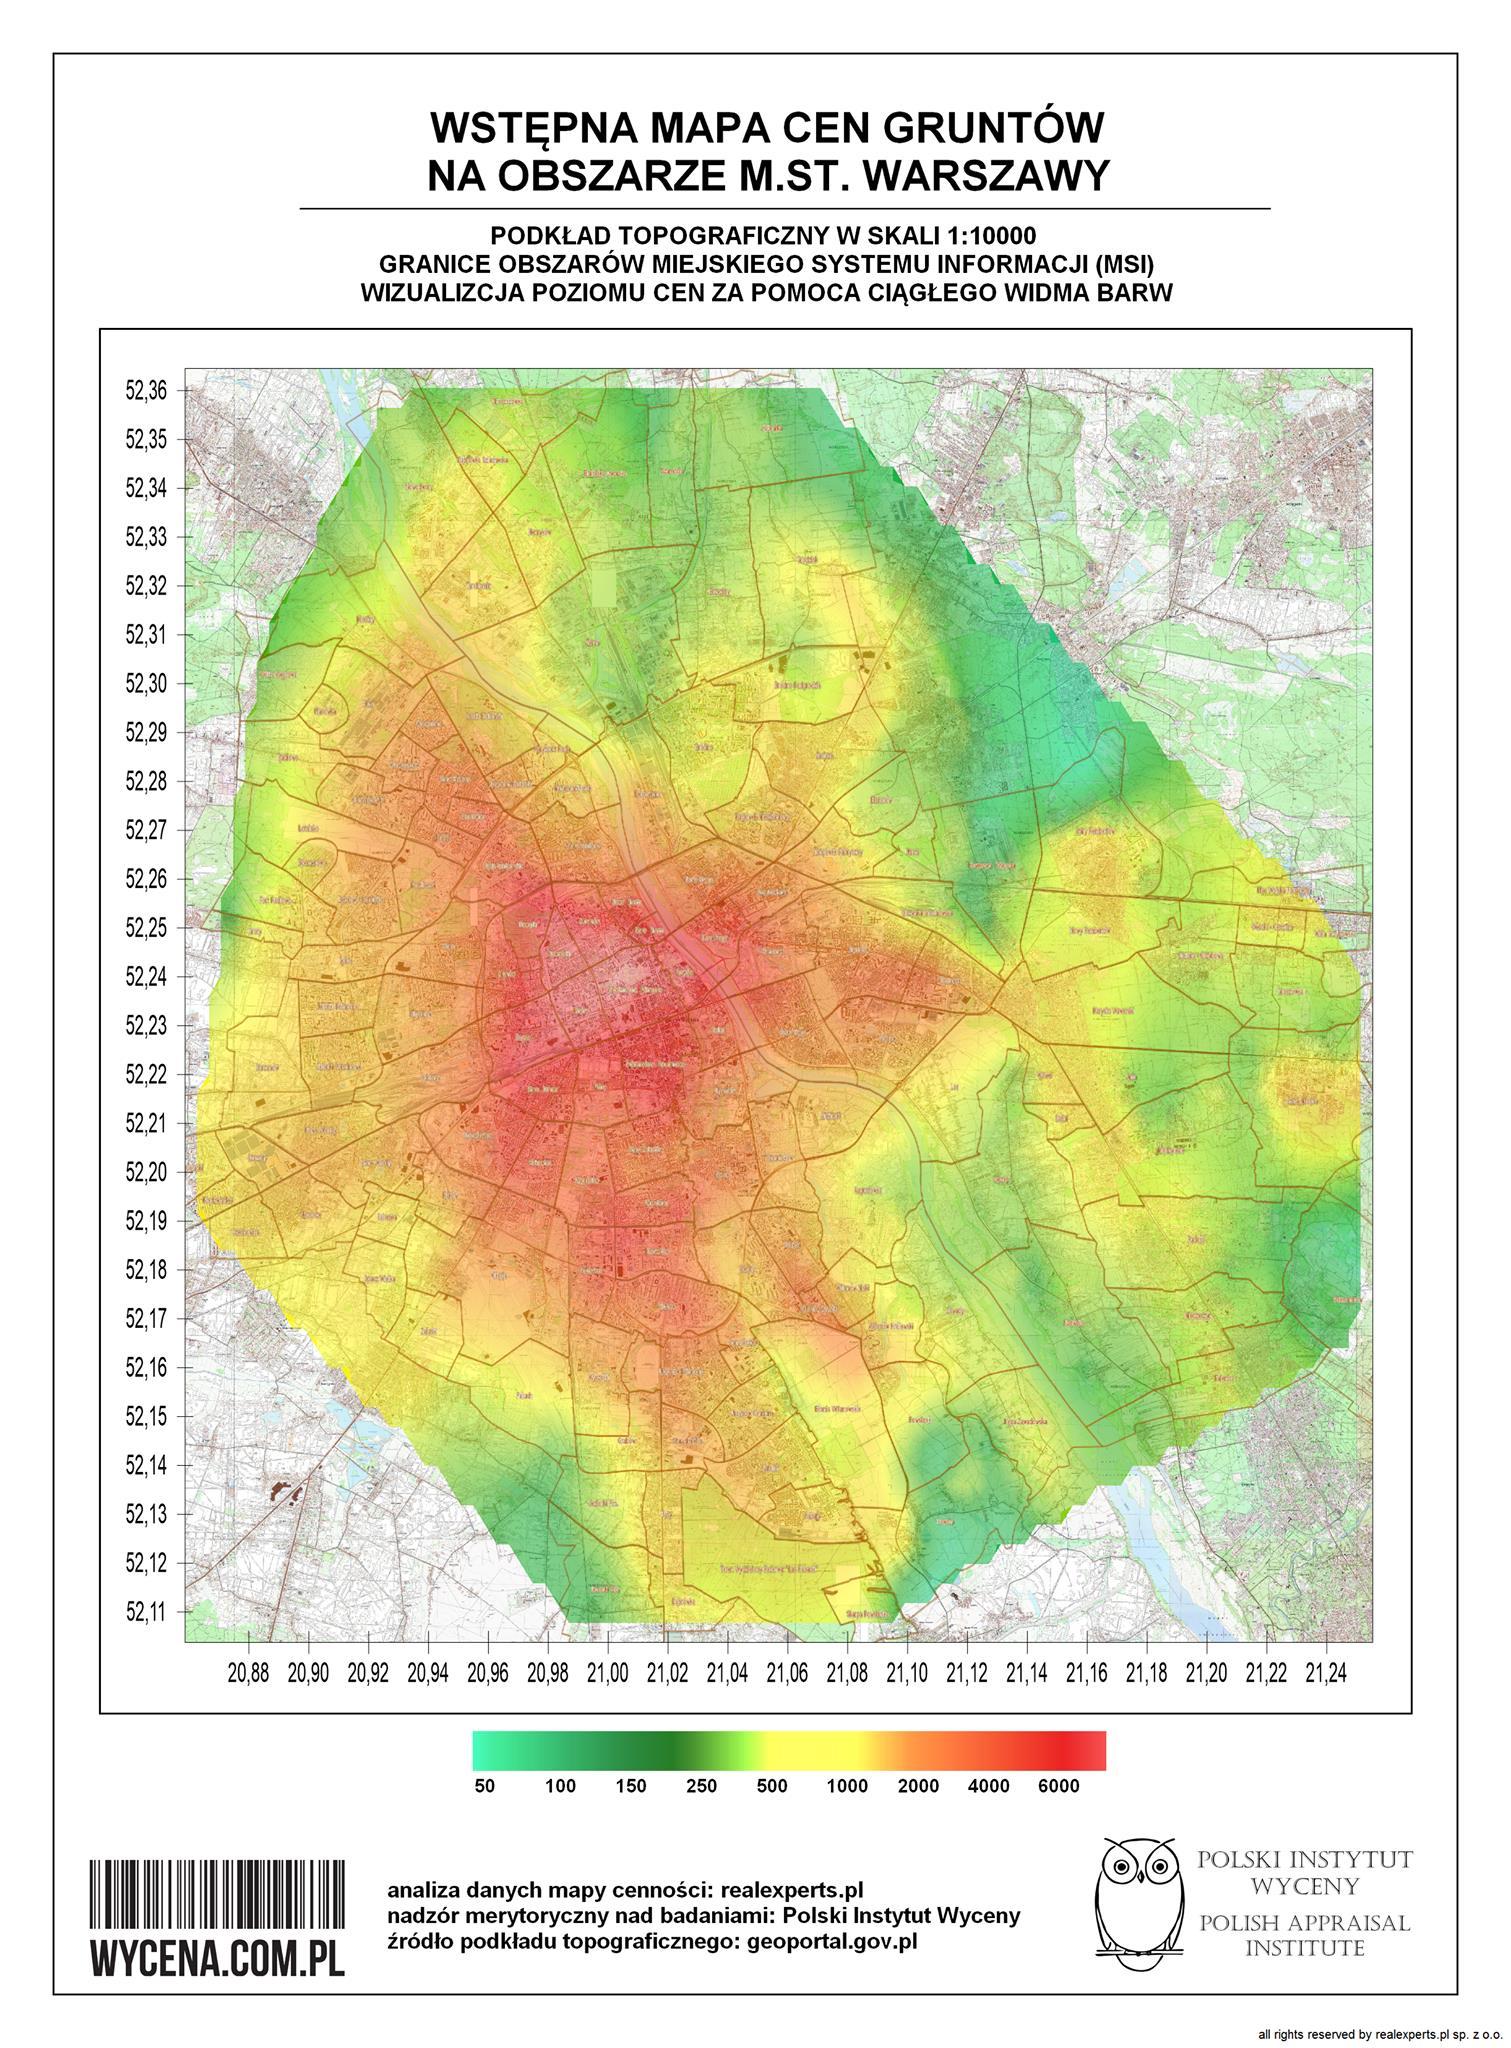 6efc077bd1e746 Najnowsza wizualizacja mapy cen gruntów w Warszawie. Obszary MSI i ...